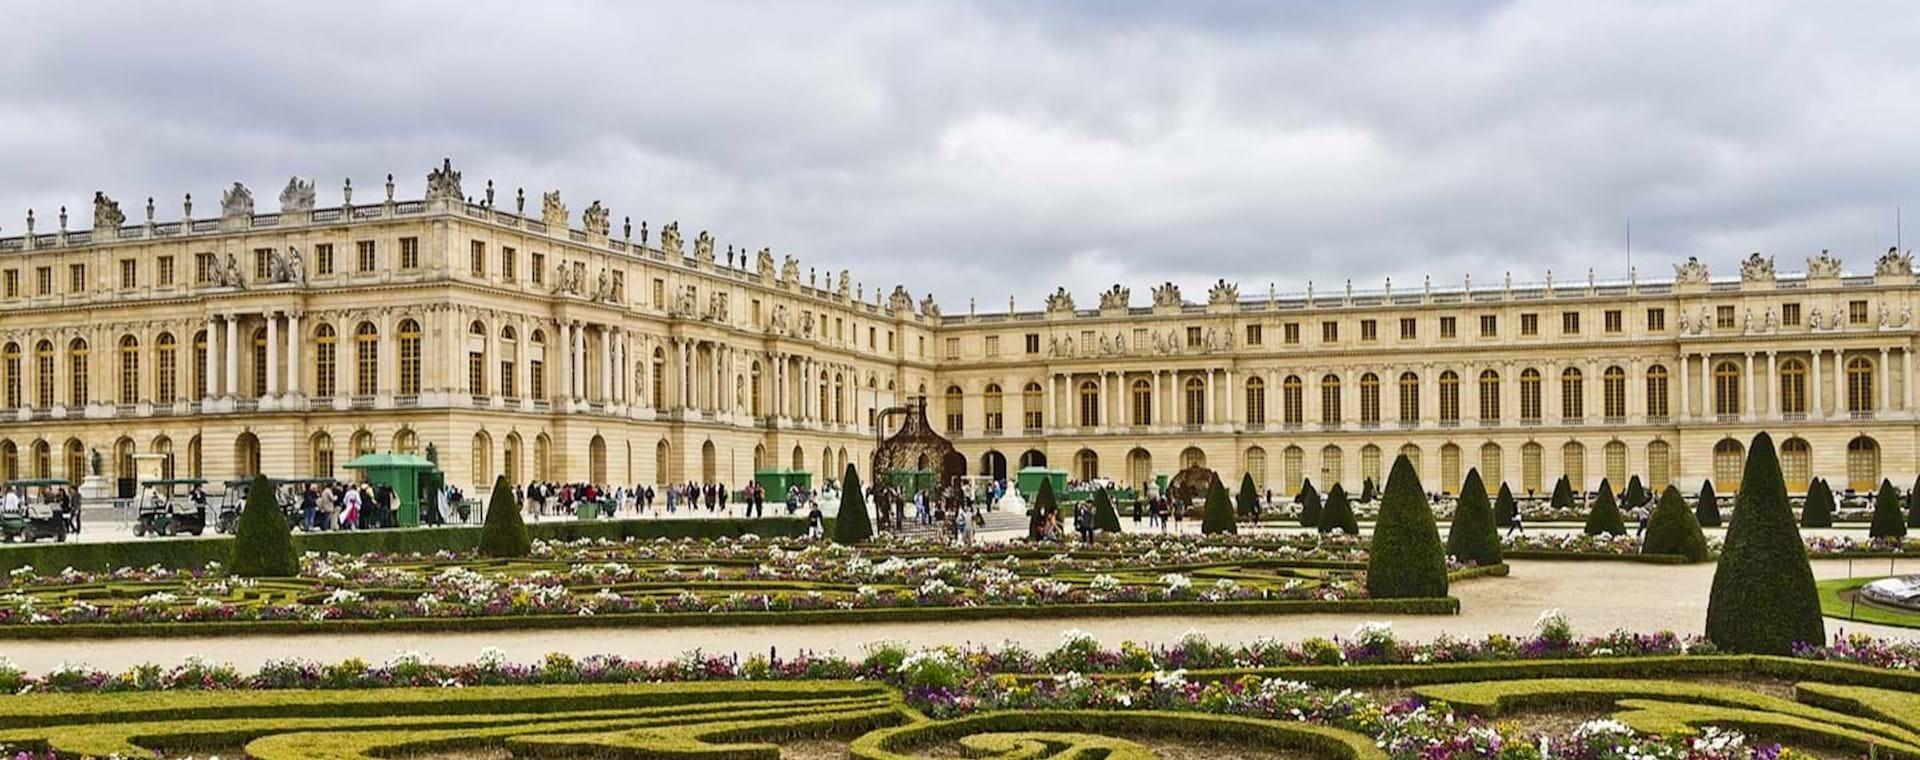 Palace of Versailles Secret Rooms Tour - City Wonders